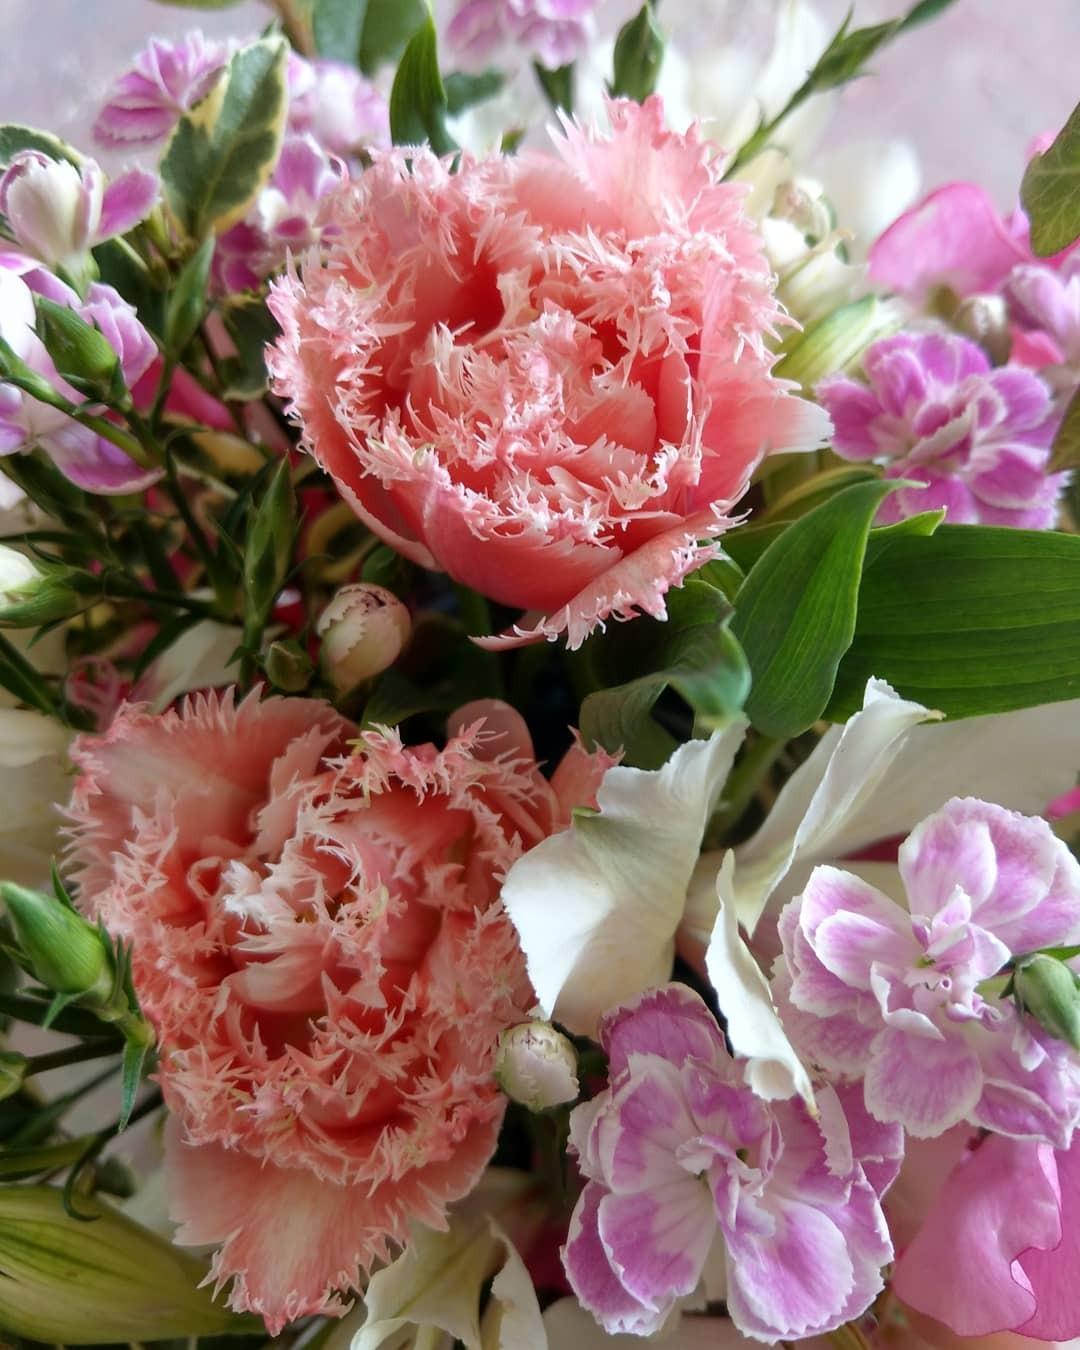 フリンジ咲きのクイーンズランドという品種のチューリップ